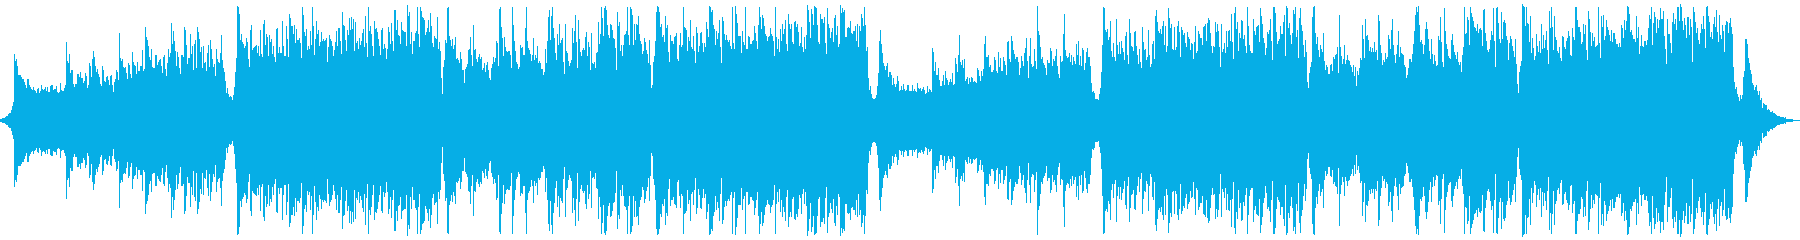 勝利と栄光のオーケストラ x2回の再生済みの波形